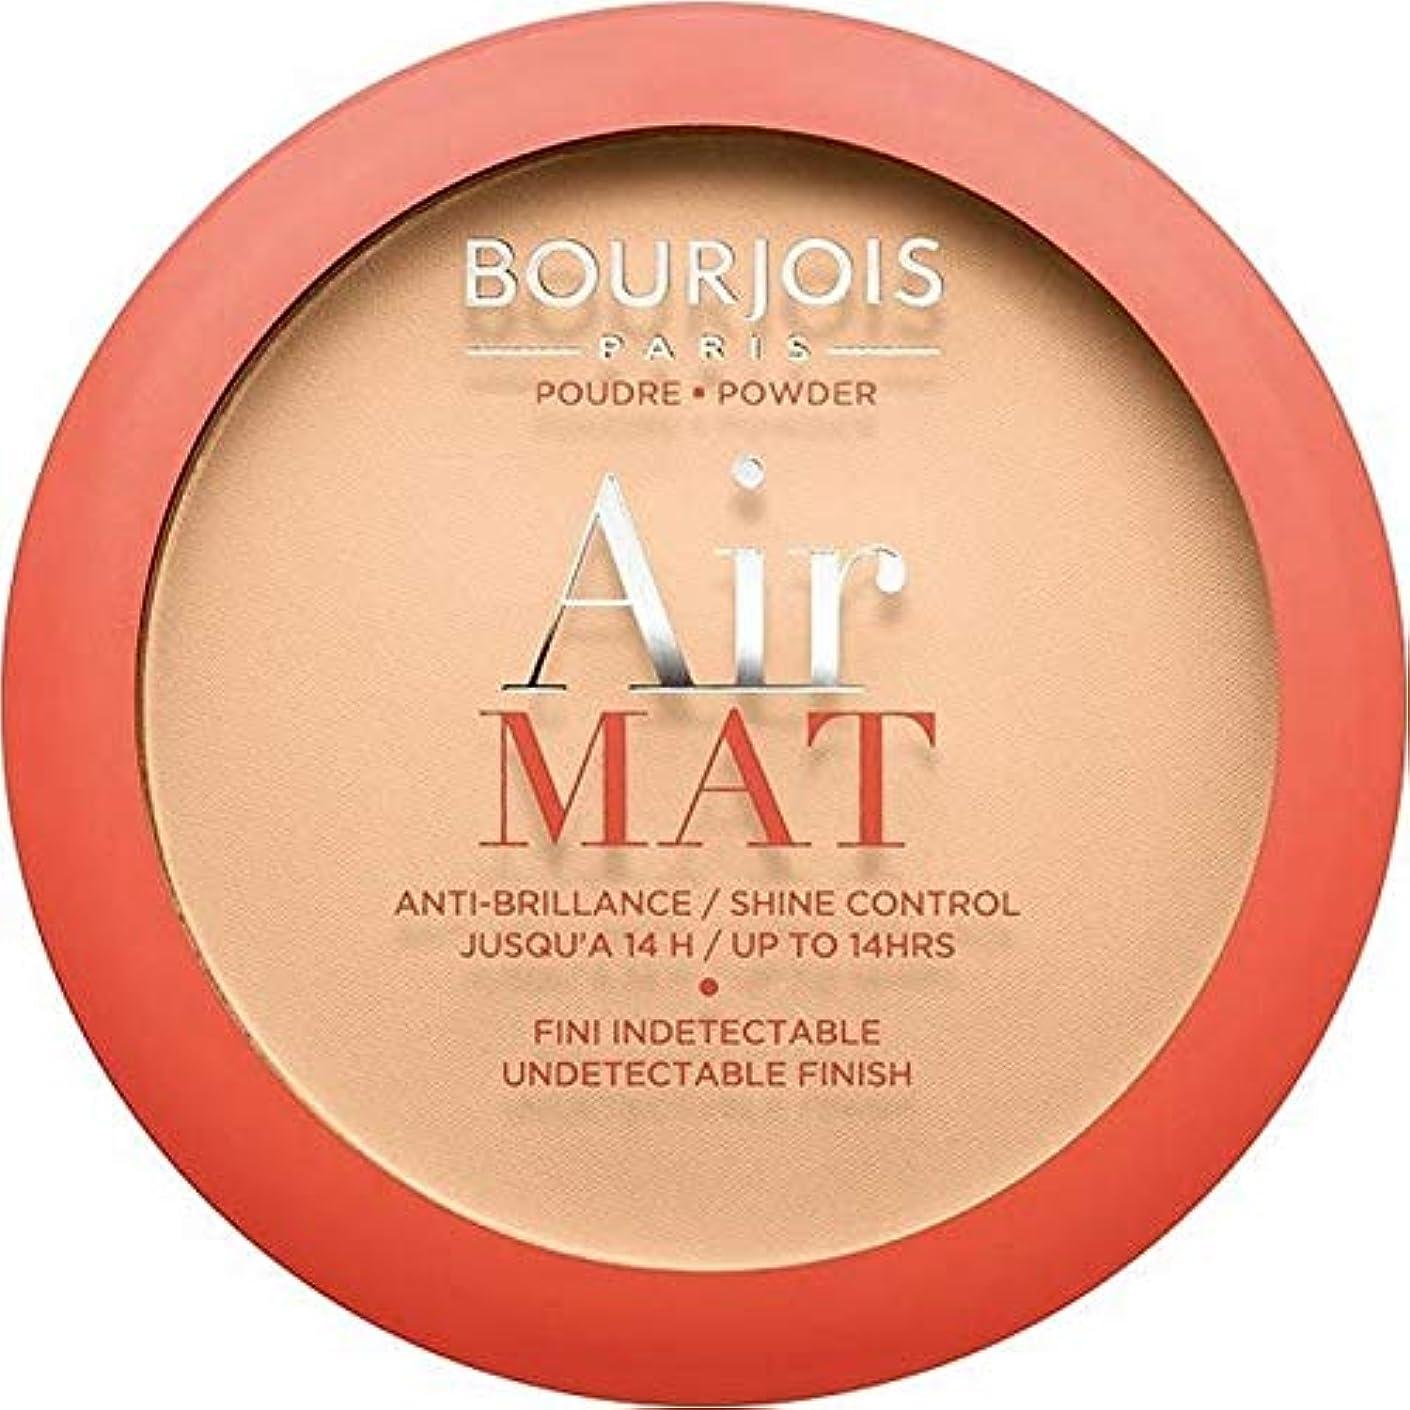 対処発音大学院[Bourjois ] ブルジョワ空気マット圧粉 - ライトベージュ - Bourjois Air Mat Pressed Powder - Light Beige [並行輸入品]